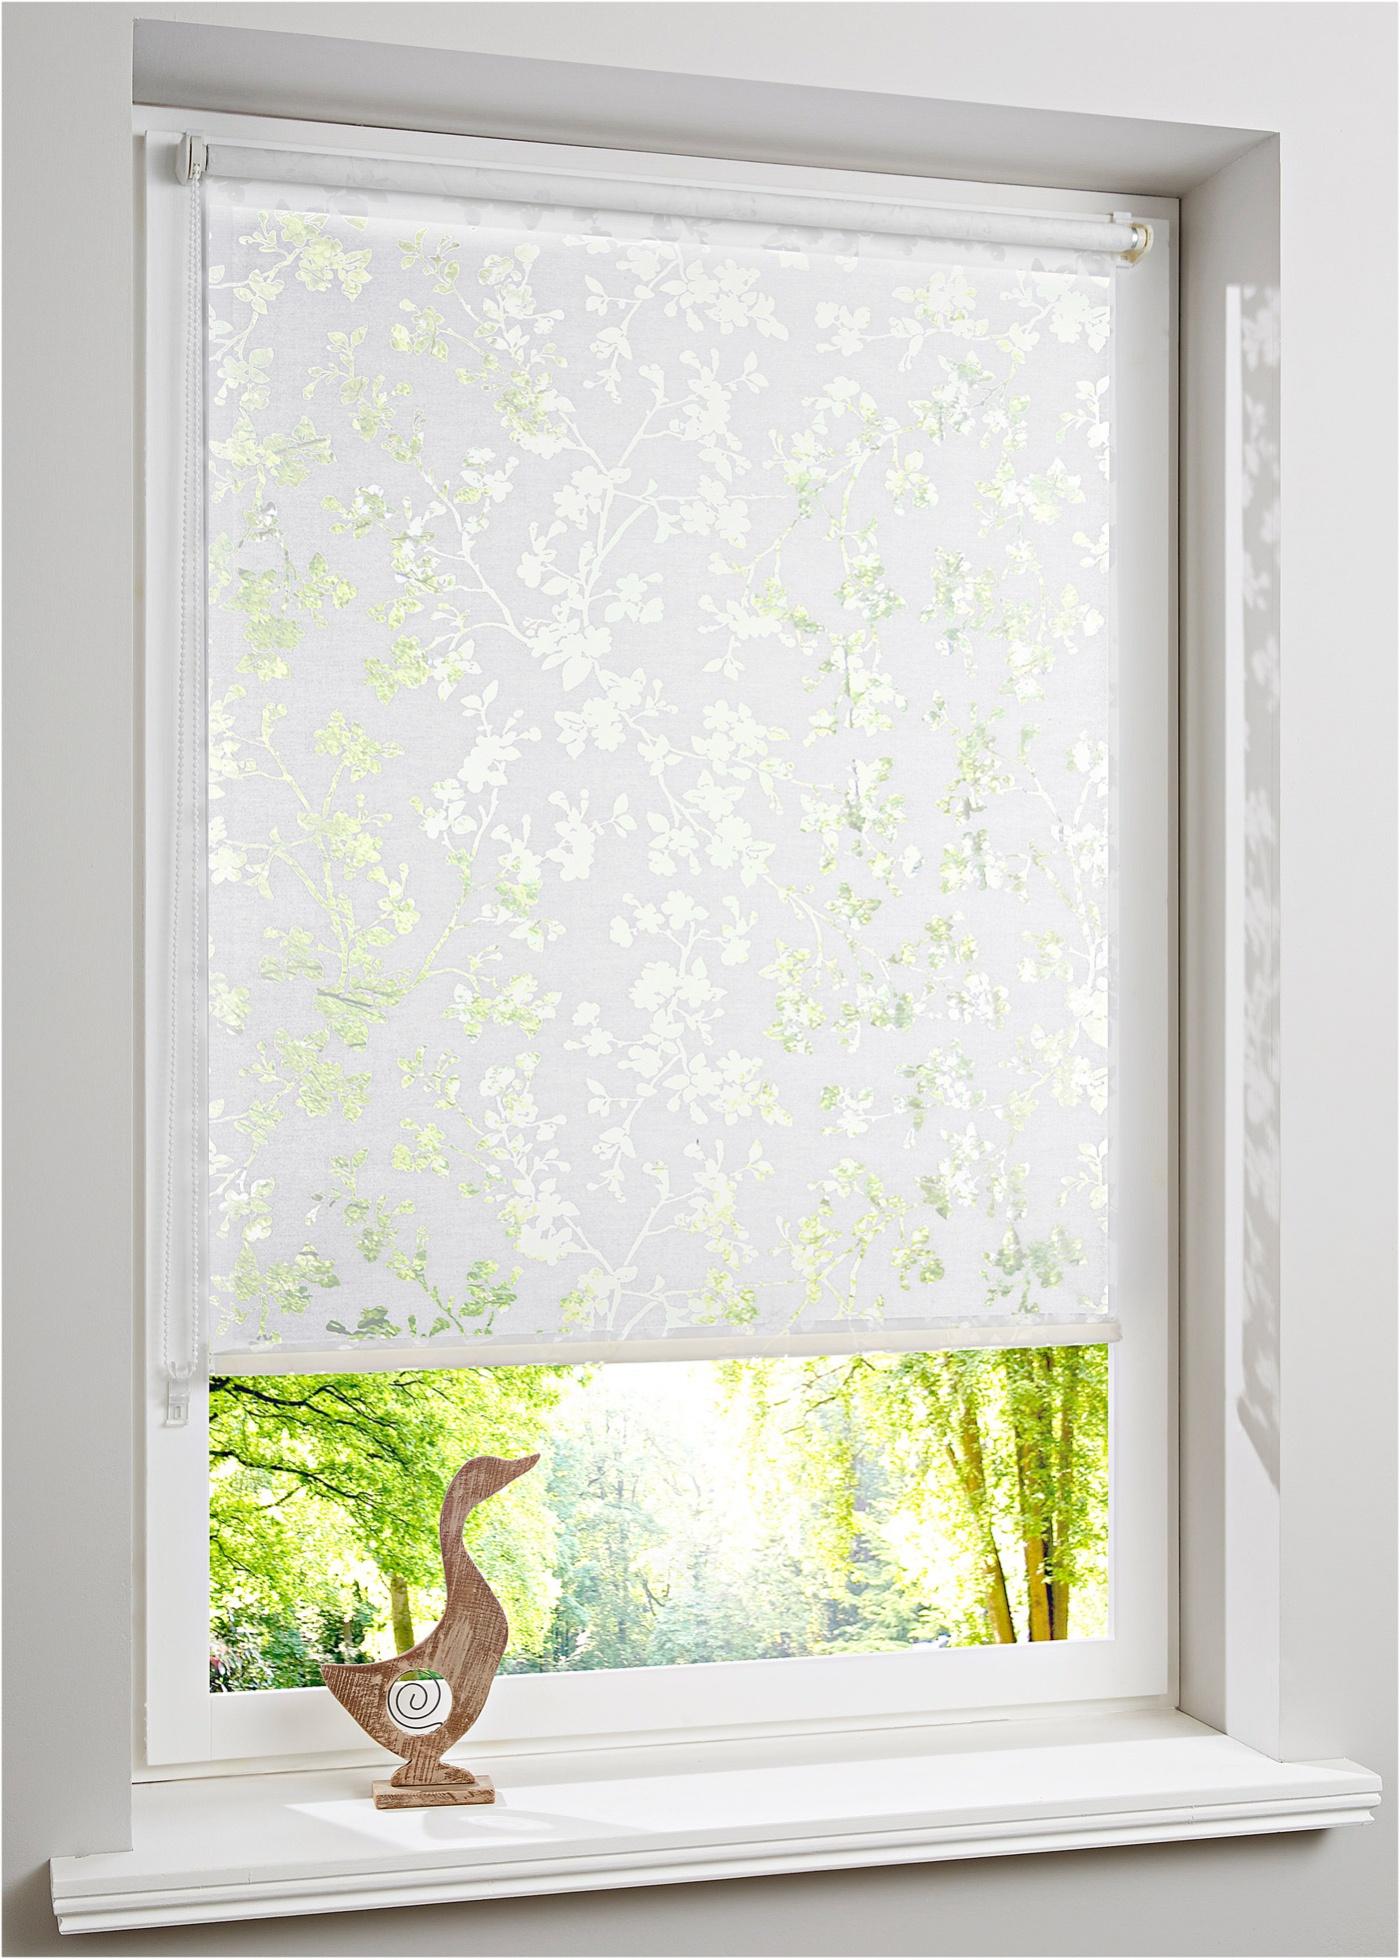 """Store à clipser, coulisse latérale, motif fleuri délicat, tissu dévoré, hauteur modulable, pose facile - sans perçage - se clipse directement sur le cadre de la fenêtre, convient pour un châssis de fenêtre d""""une épaisseur jusqu""""à 1,5 cm. Notice"""